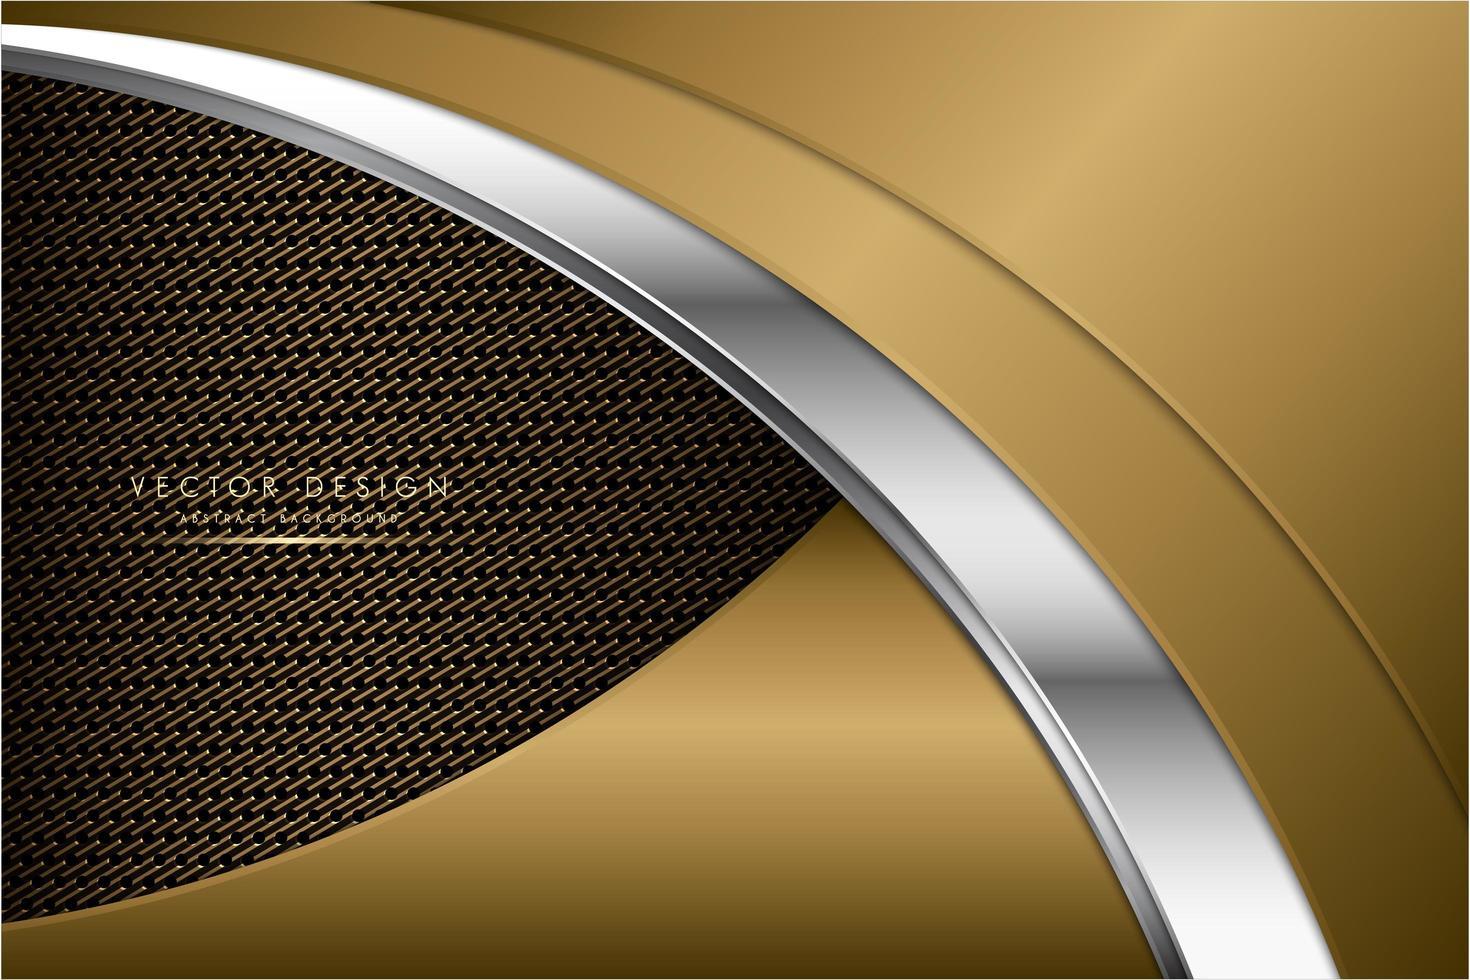 moderner silberner und goldener metallischer Hintergrund vektor